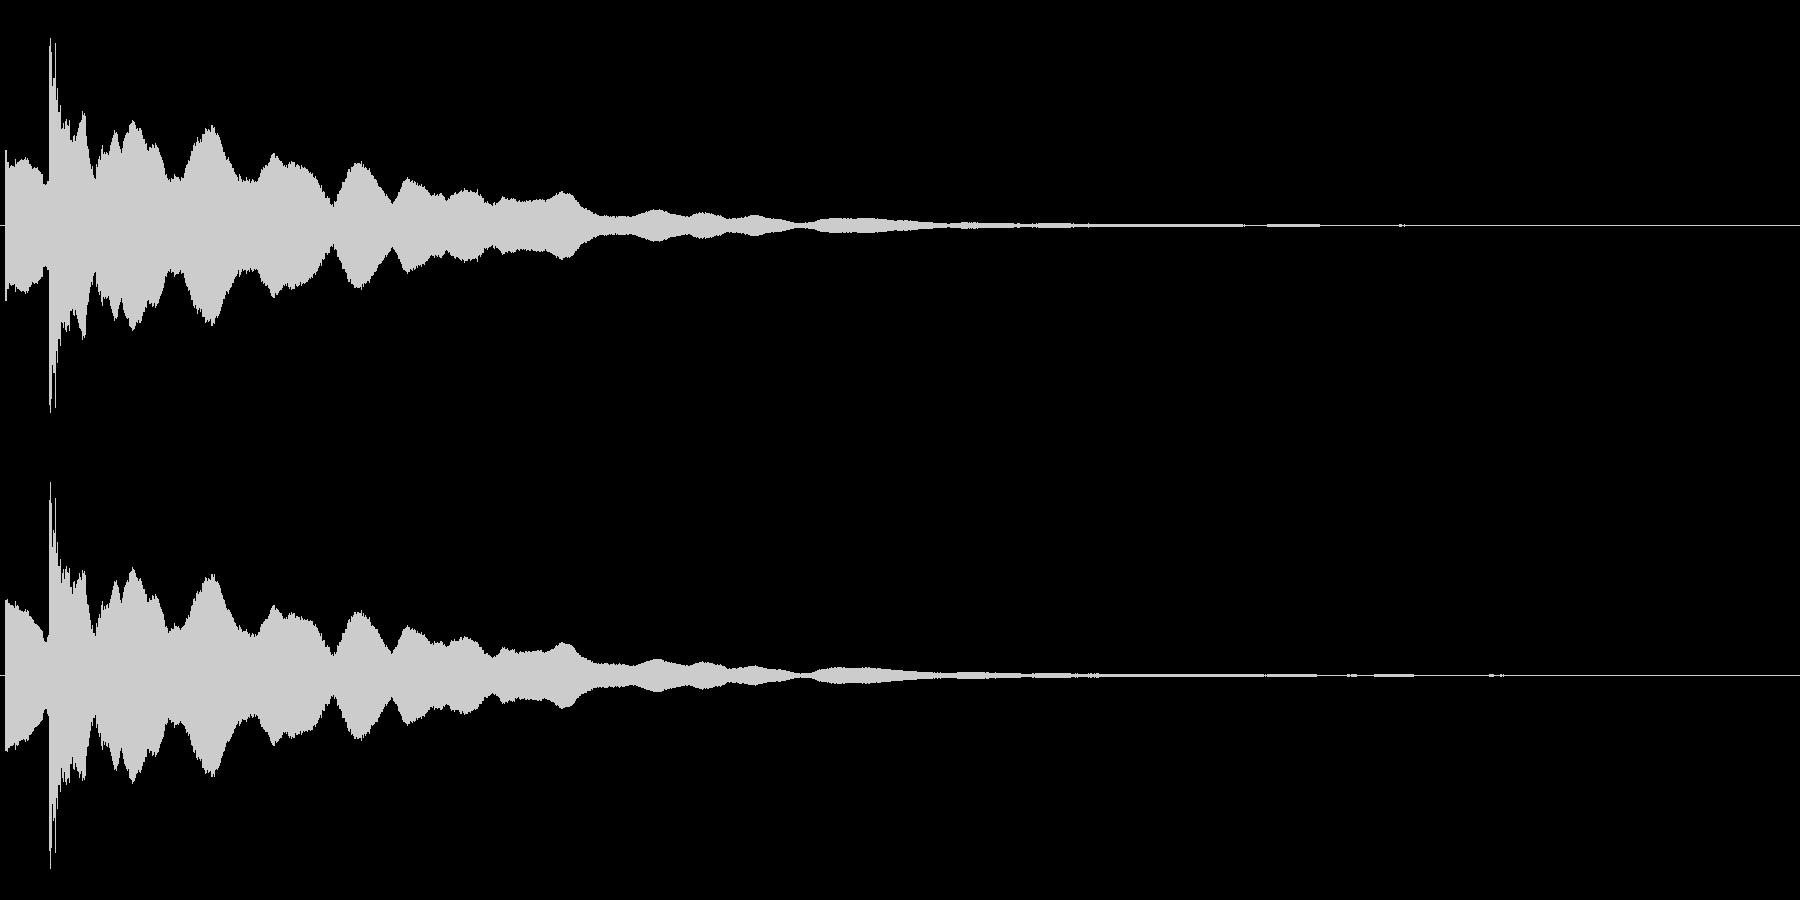 カキーン・コキーン(氷った、獲得した音)の未再生の波形